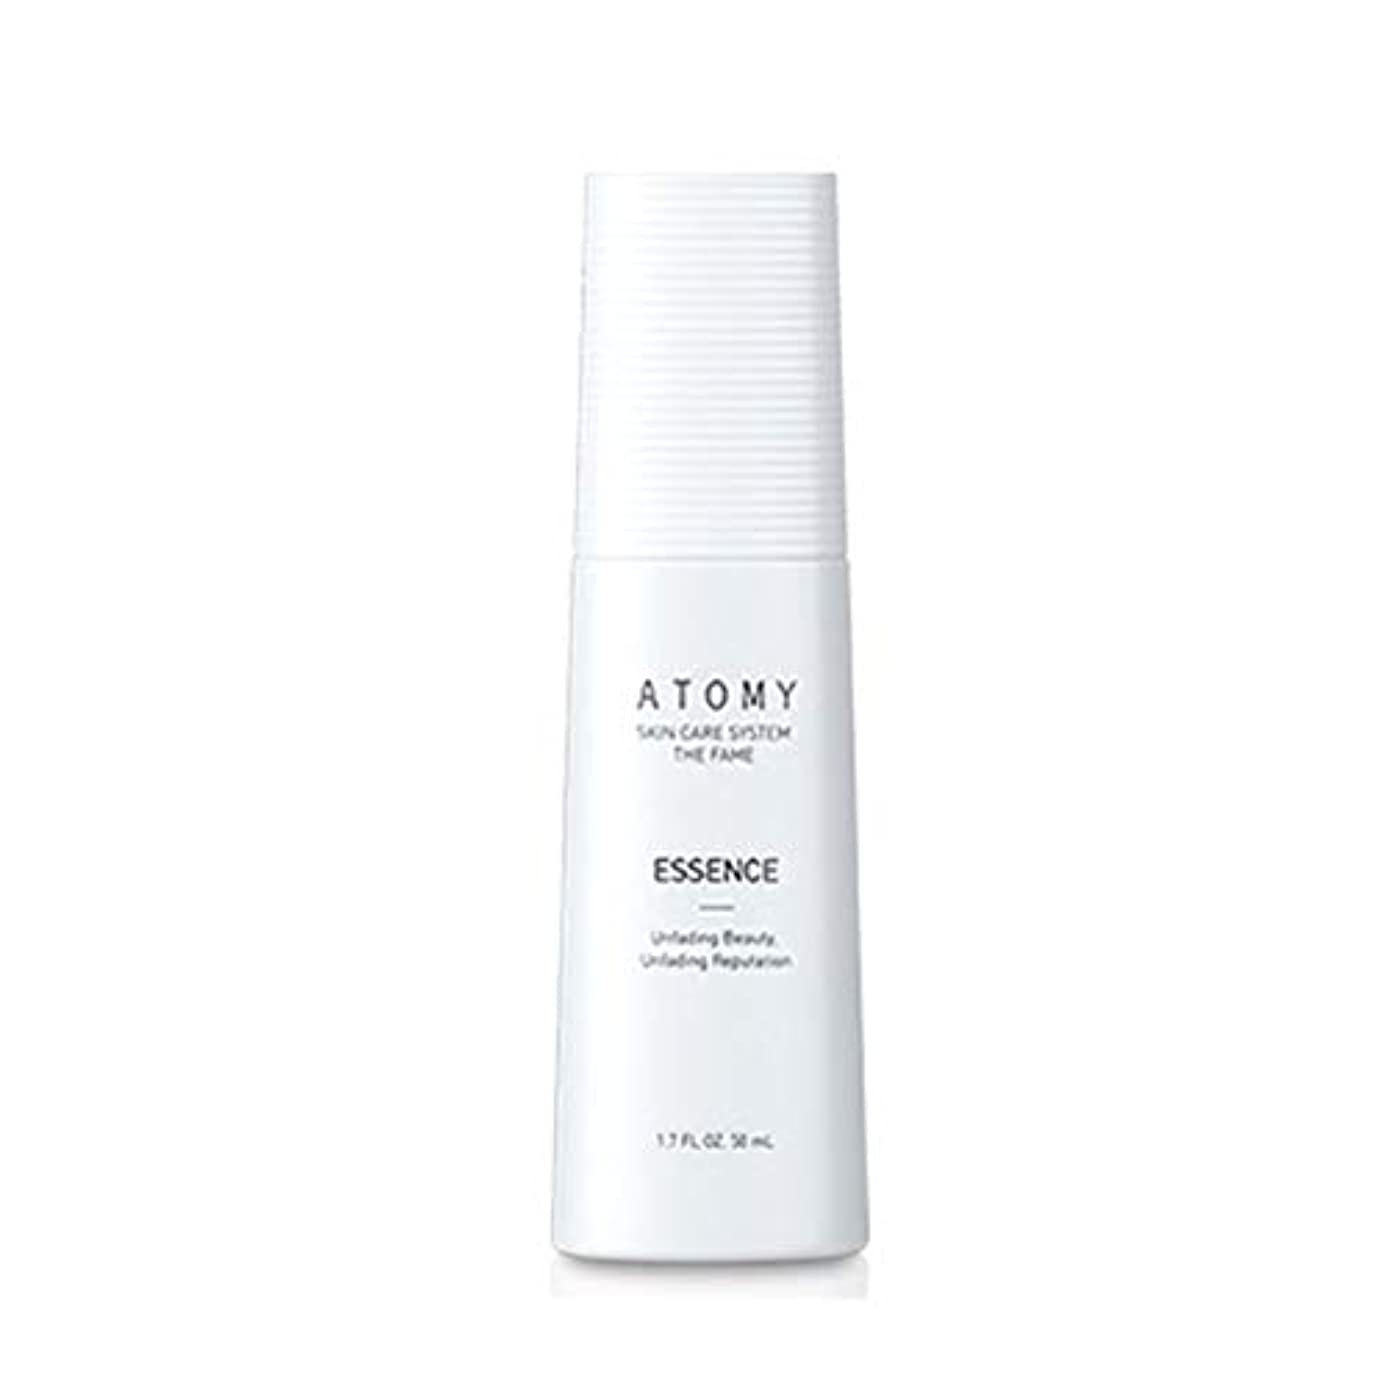 マージン加速度森アトミザ?フェームエッセンス50ml韓国コスメ、Atomy The Fame Essence 50ml Korean Cosmetics [並行輸入品]